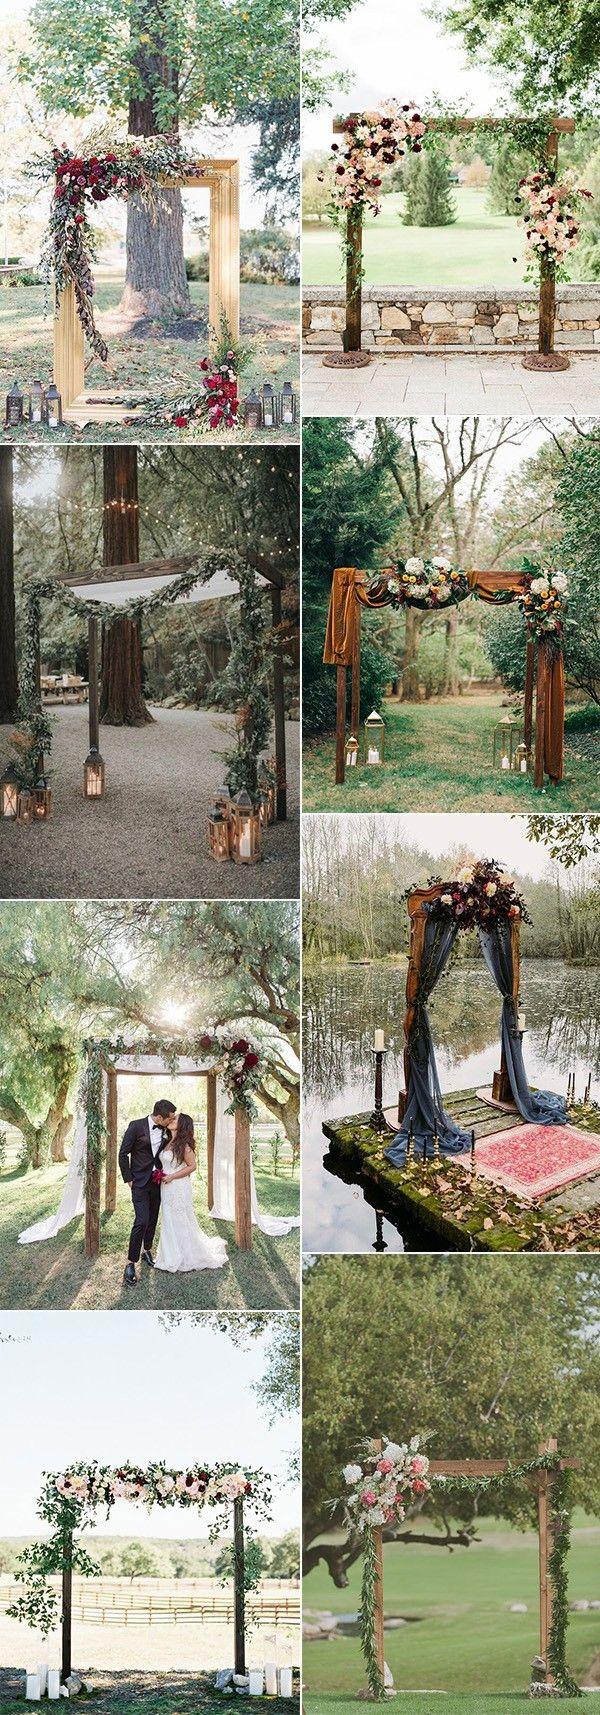 20 Outdoor Fall Wedding Arches for 2019 #fallweddingideas